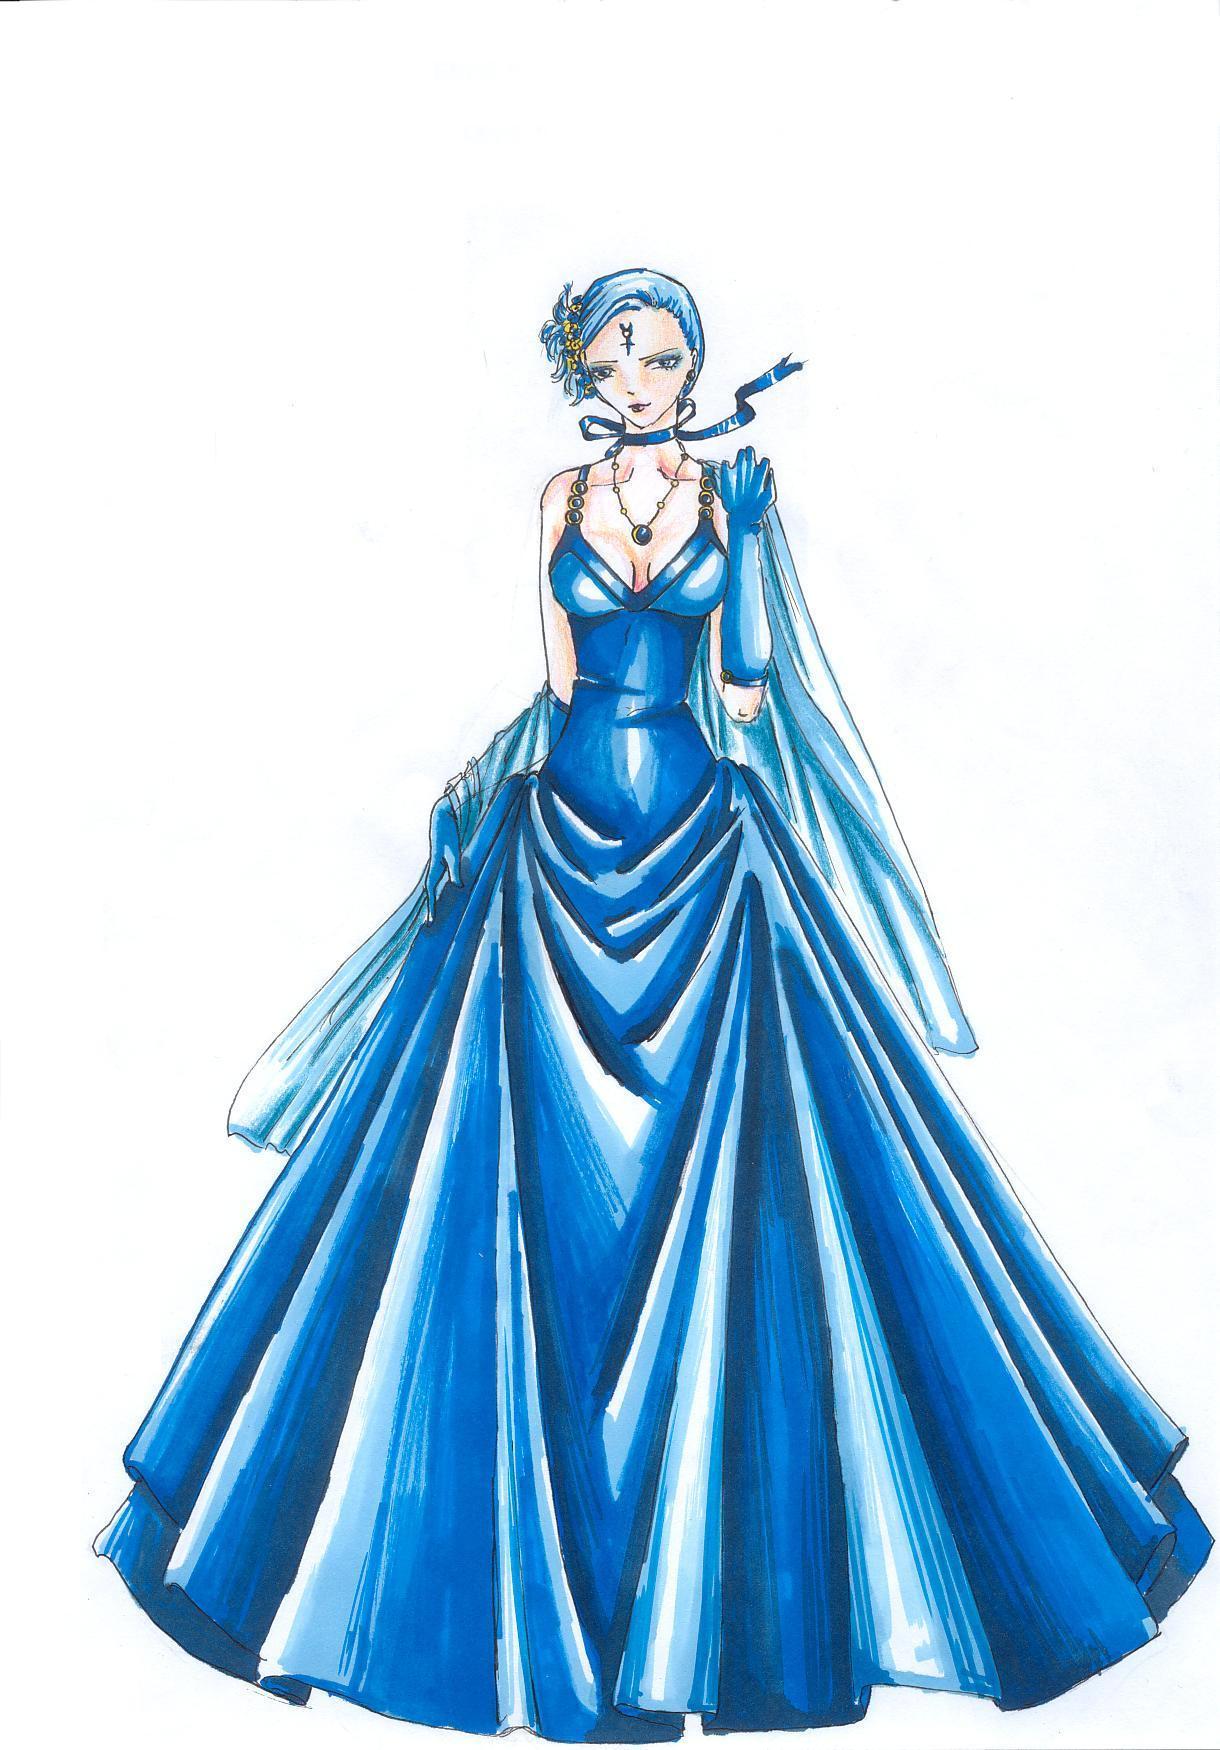 Blue dress by MimmyvonMerkur on DeviantArt